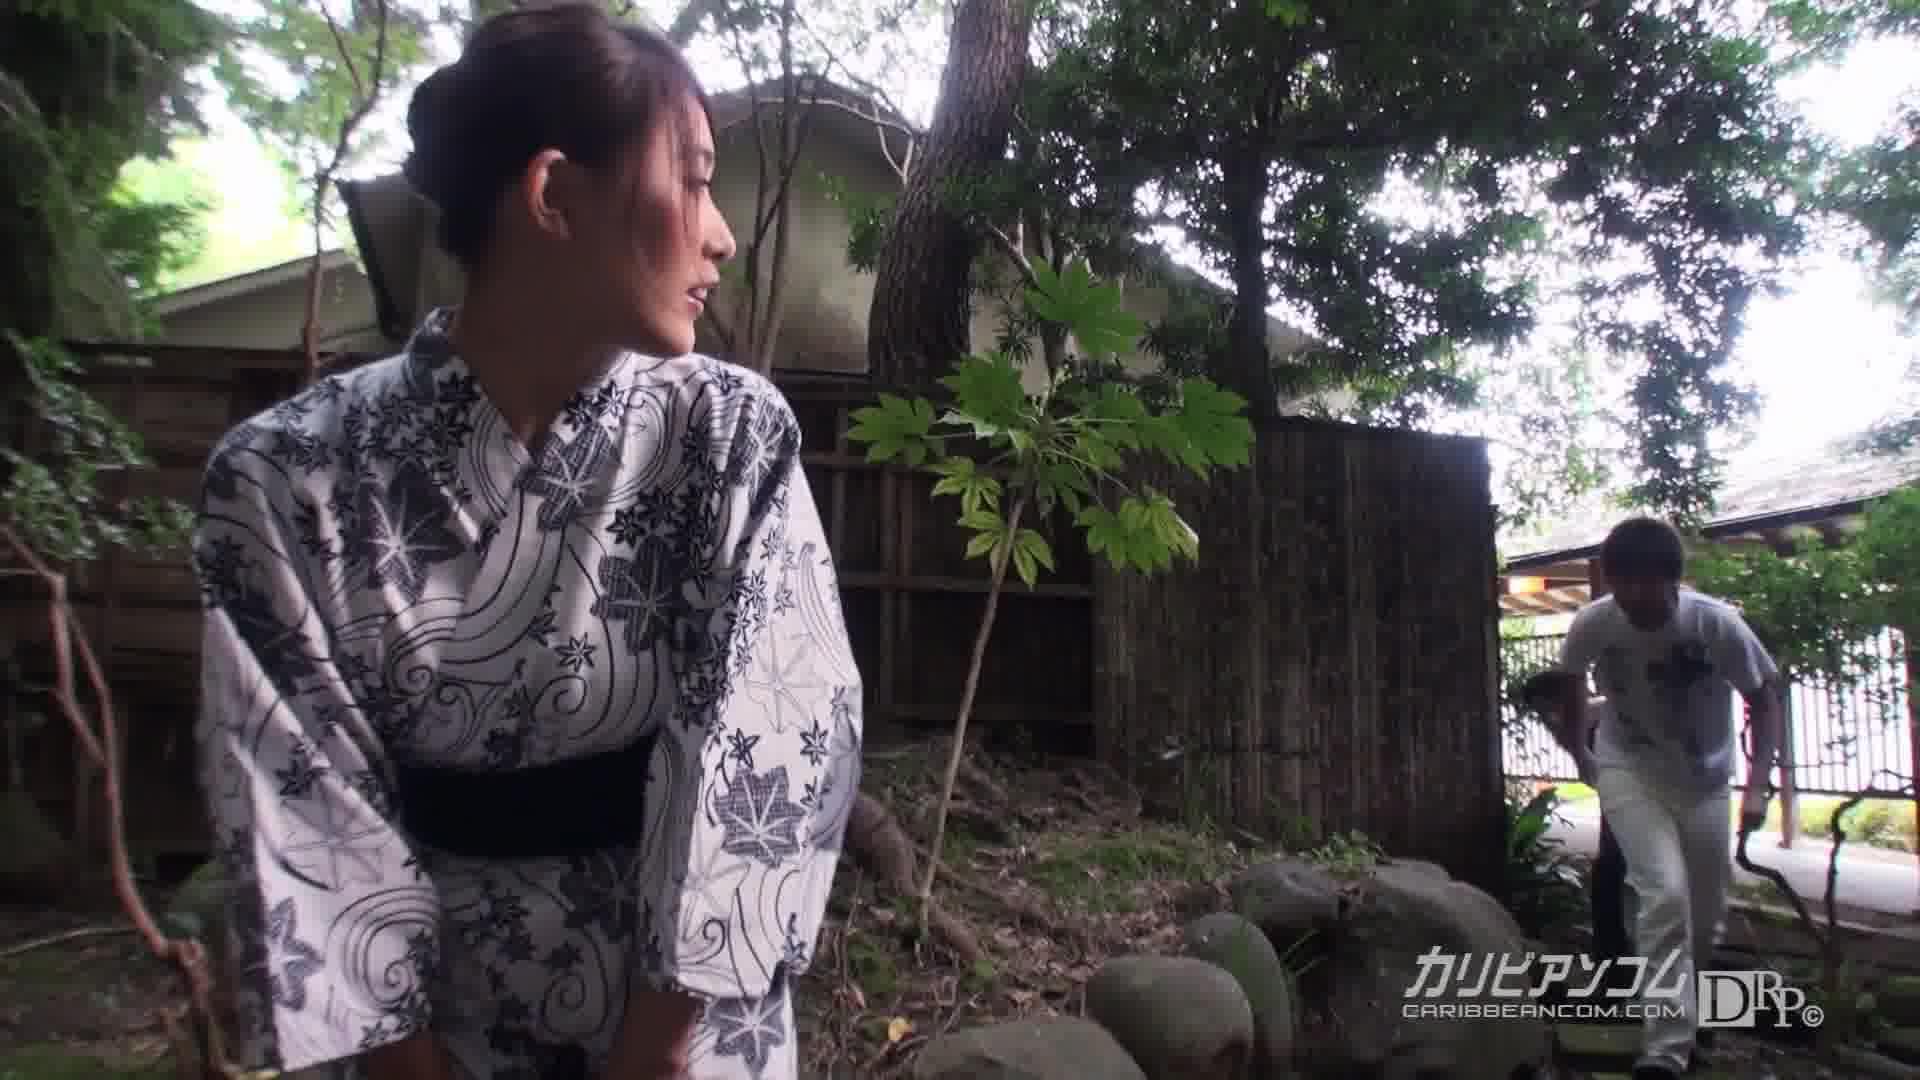 ヤり過ぎ若女将の極限スリル館内セックス - 水野葵【乱交・野外露出・着物】